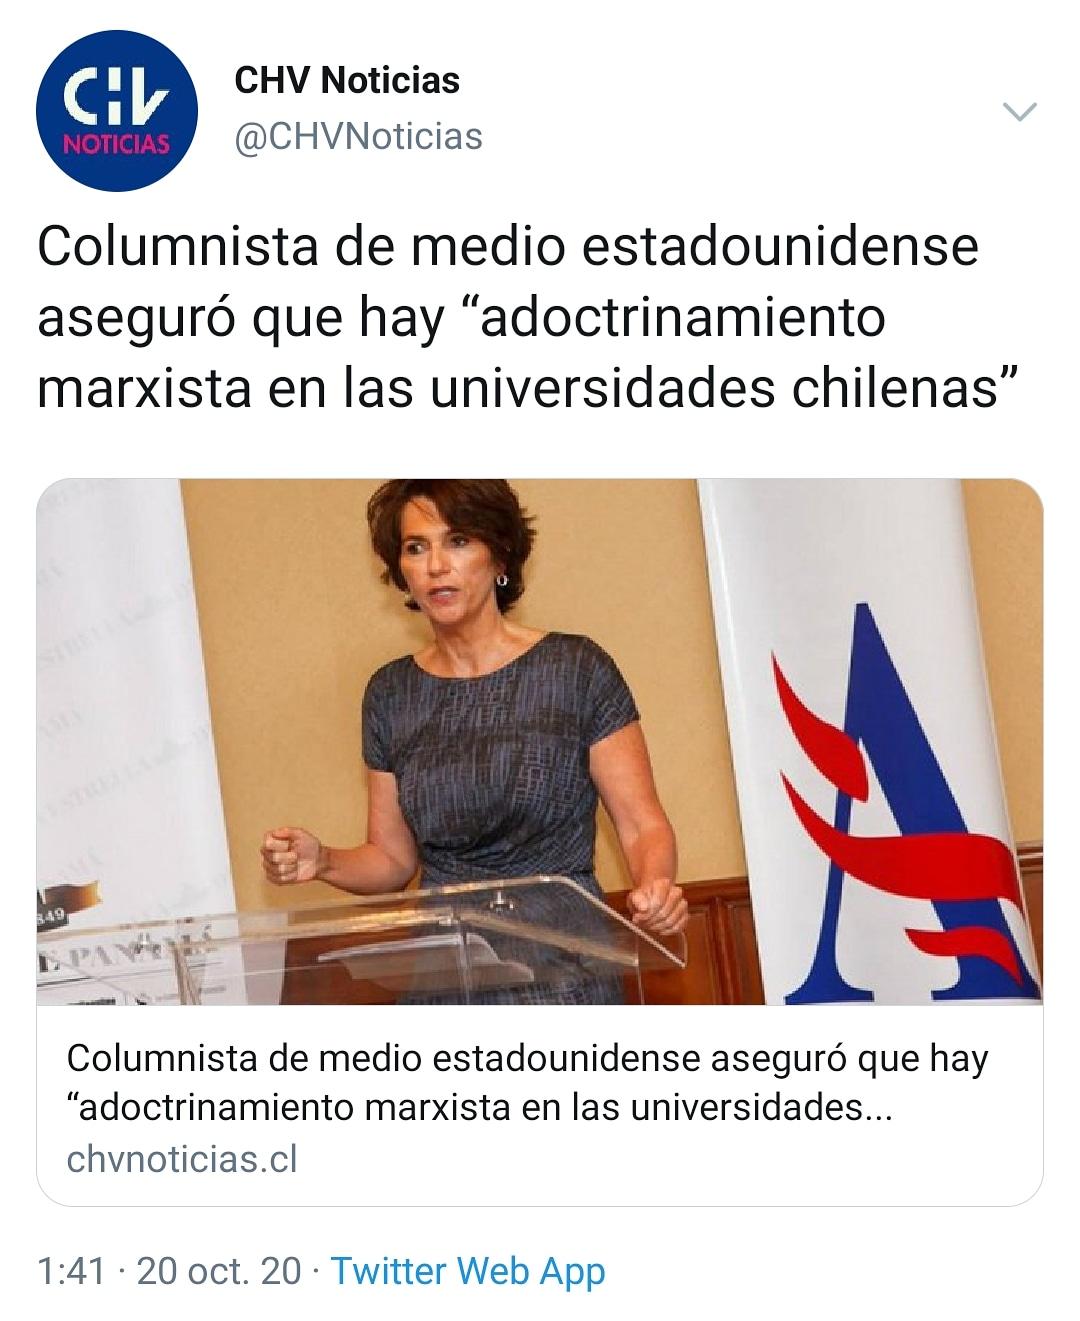 """APRA ARAUCANíA on Twitter: """"????Columnista de medio estadounidense aseguró  que hay """"adoctrinamiento marxista en las universidades chilenas""""… """""""